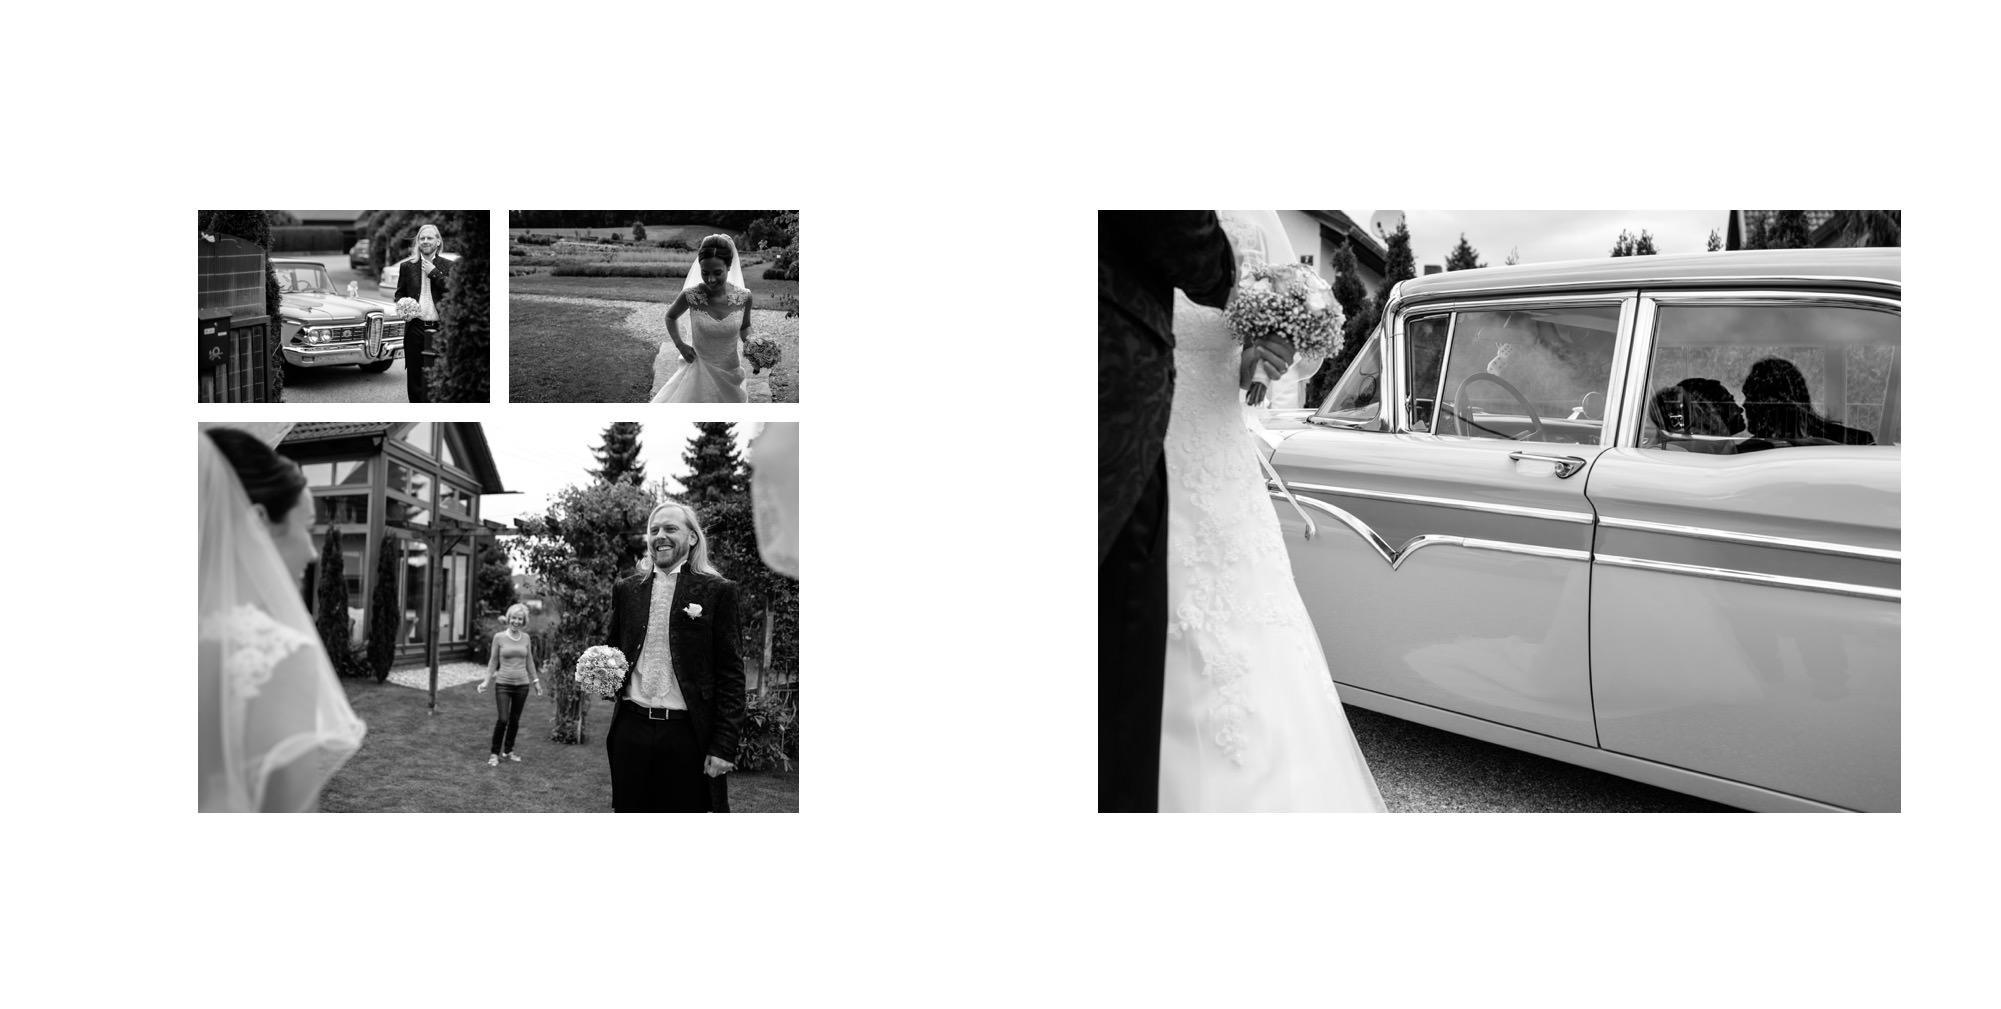 wir sind unter den 30 besten Hochzeitsalben Brasiliens gelandet Prämien und Wettbewerbe  hochzeitsfotografie hochzeitsalben fotoreportage beste hochzeitsalben